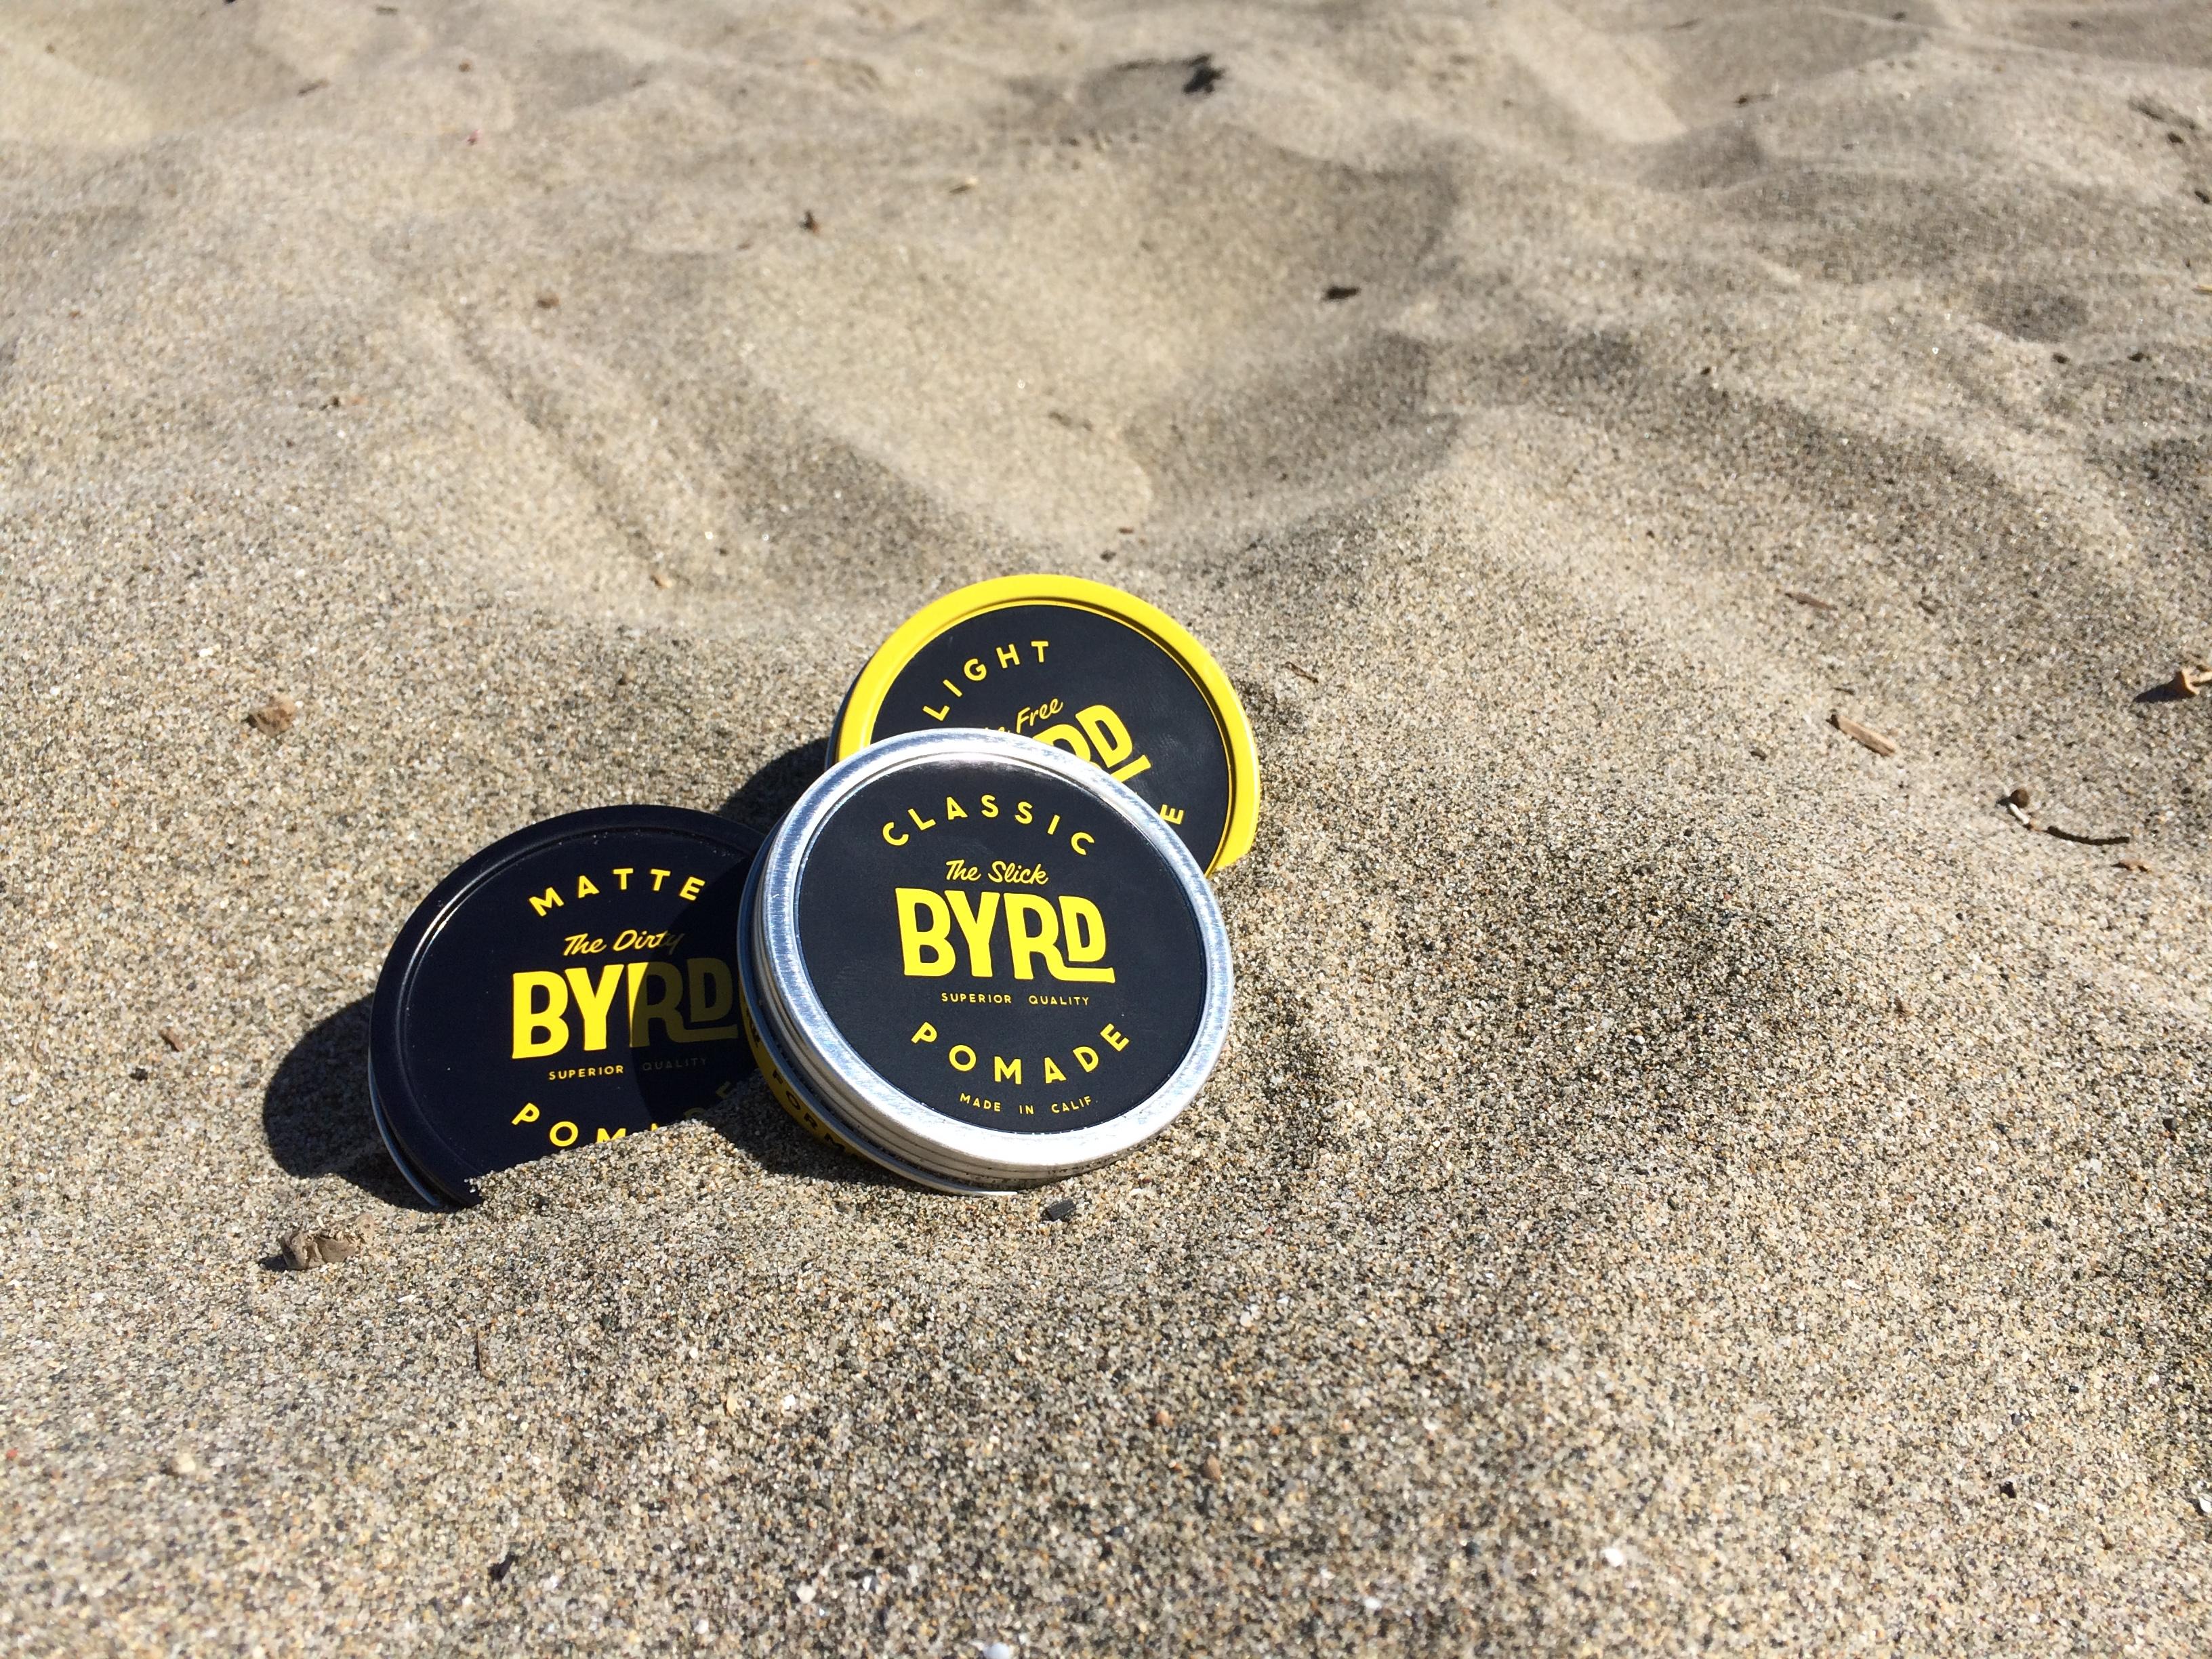 BYRD Hairdo Products 7